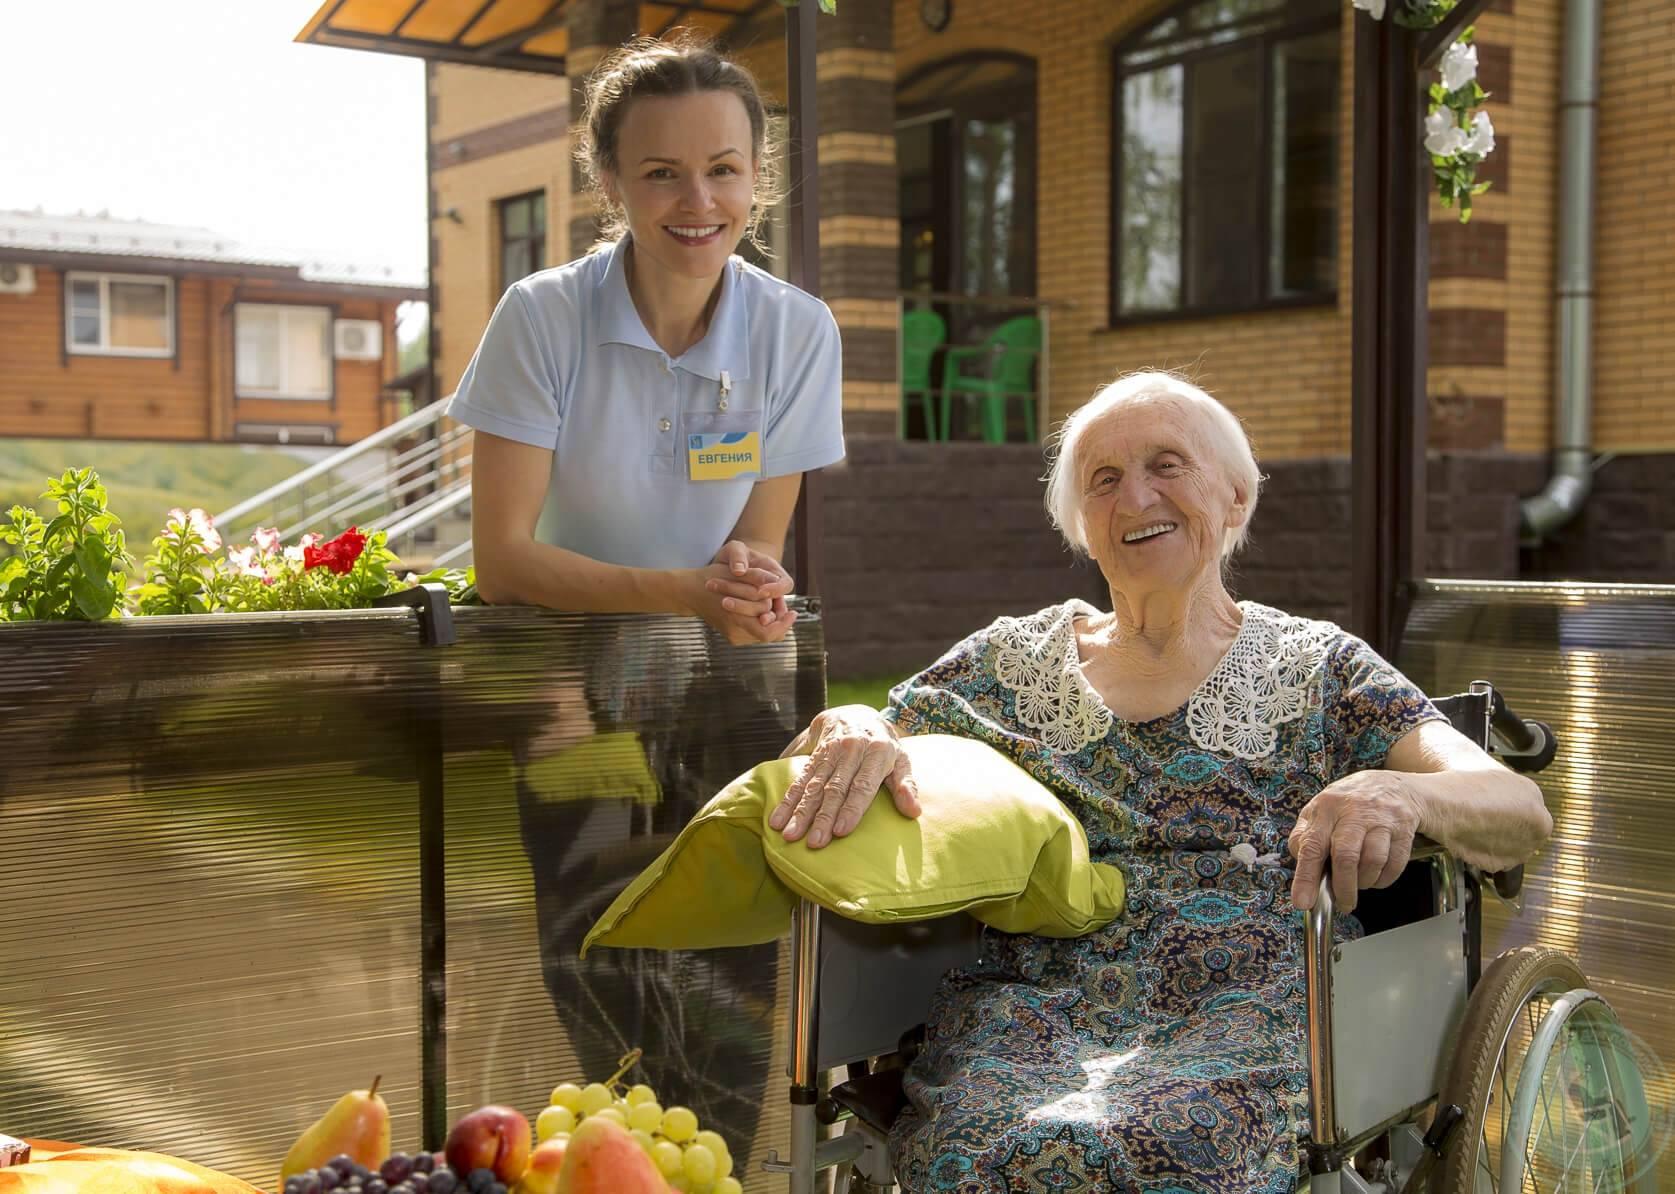 Пансионат для пожилых людей голицыно отзывы частный дом престарелых казань гармония